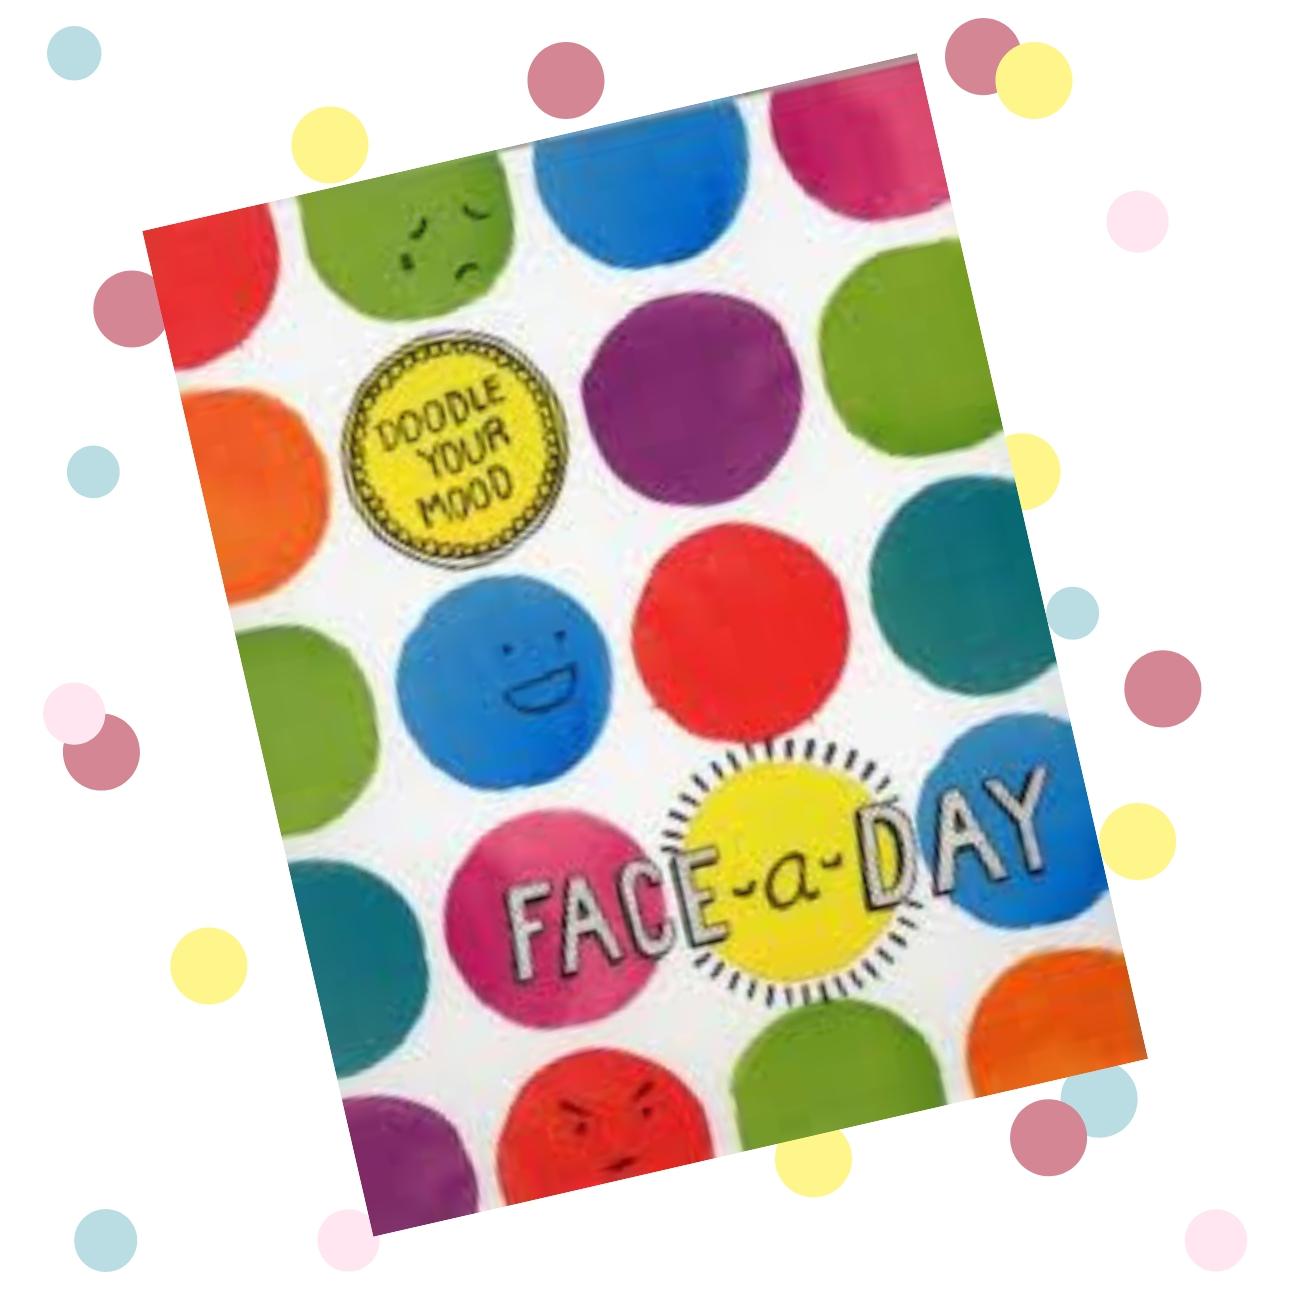 creatieve dagboeken face a day